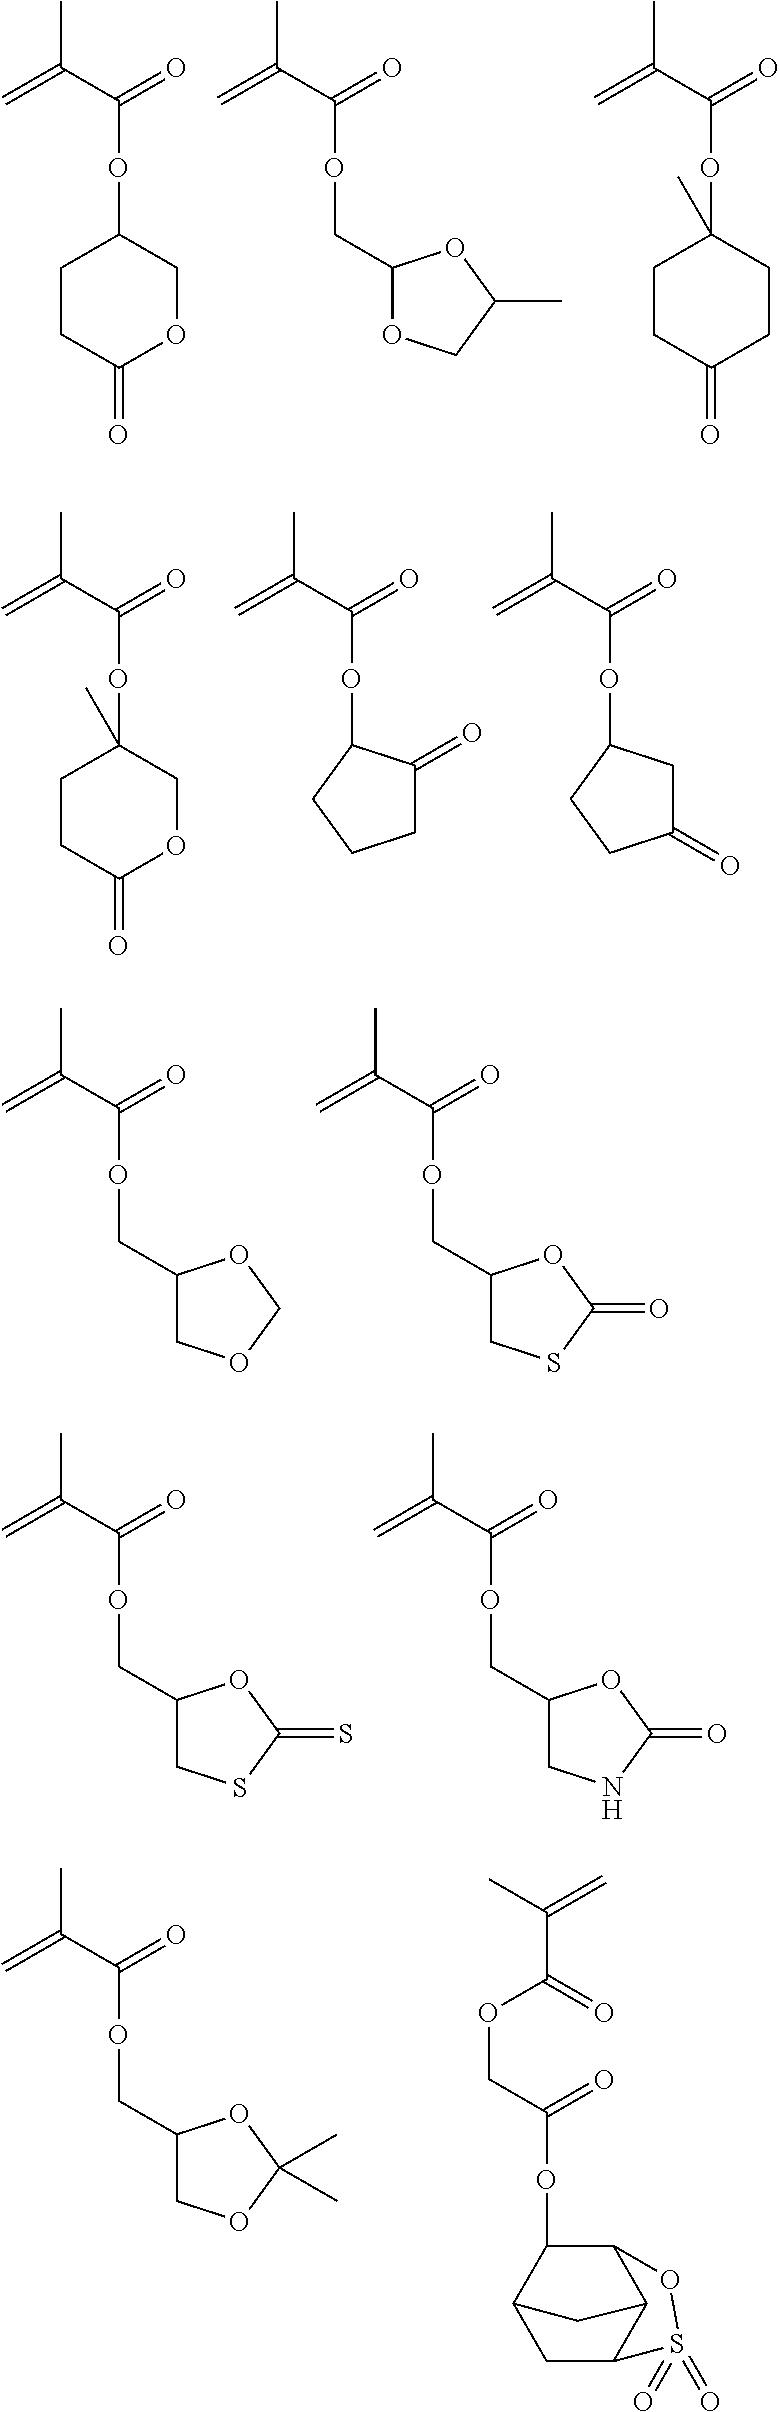 Figure US08652756-20140218-C00040